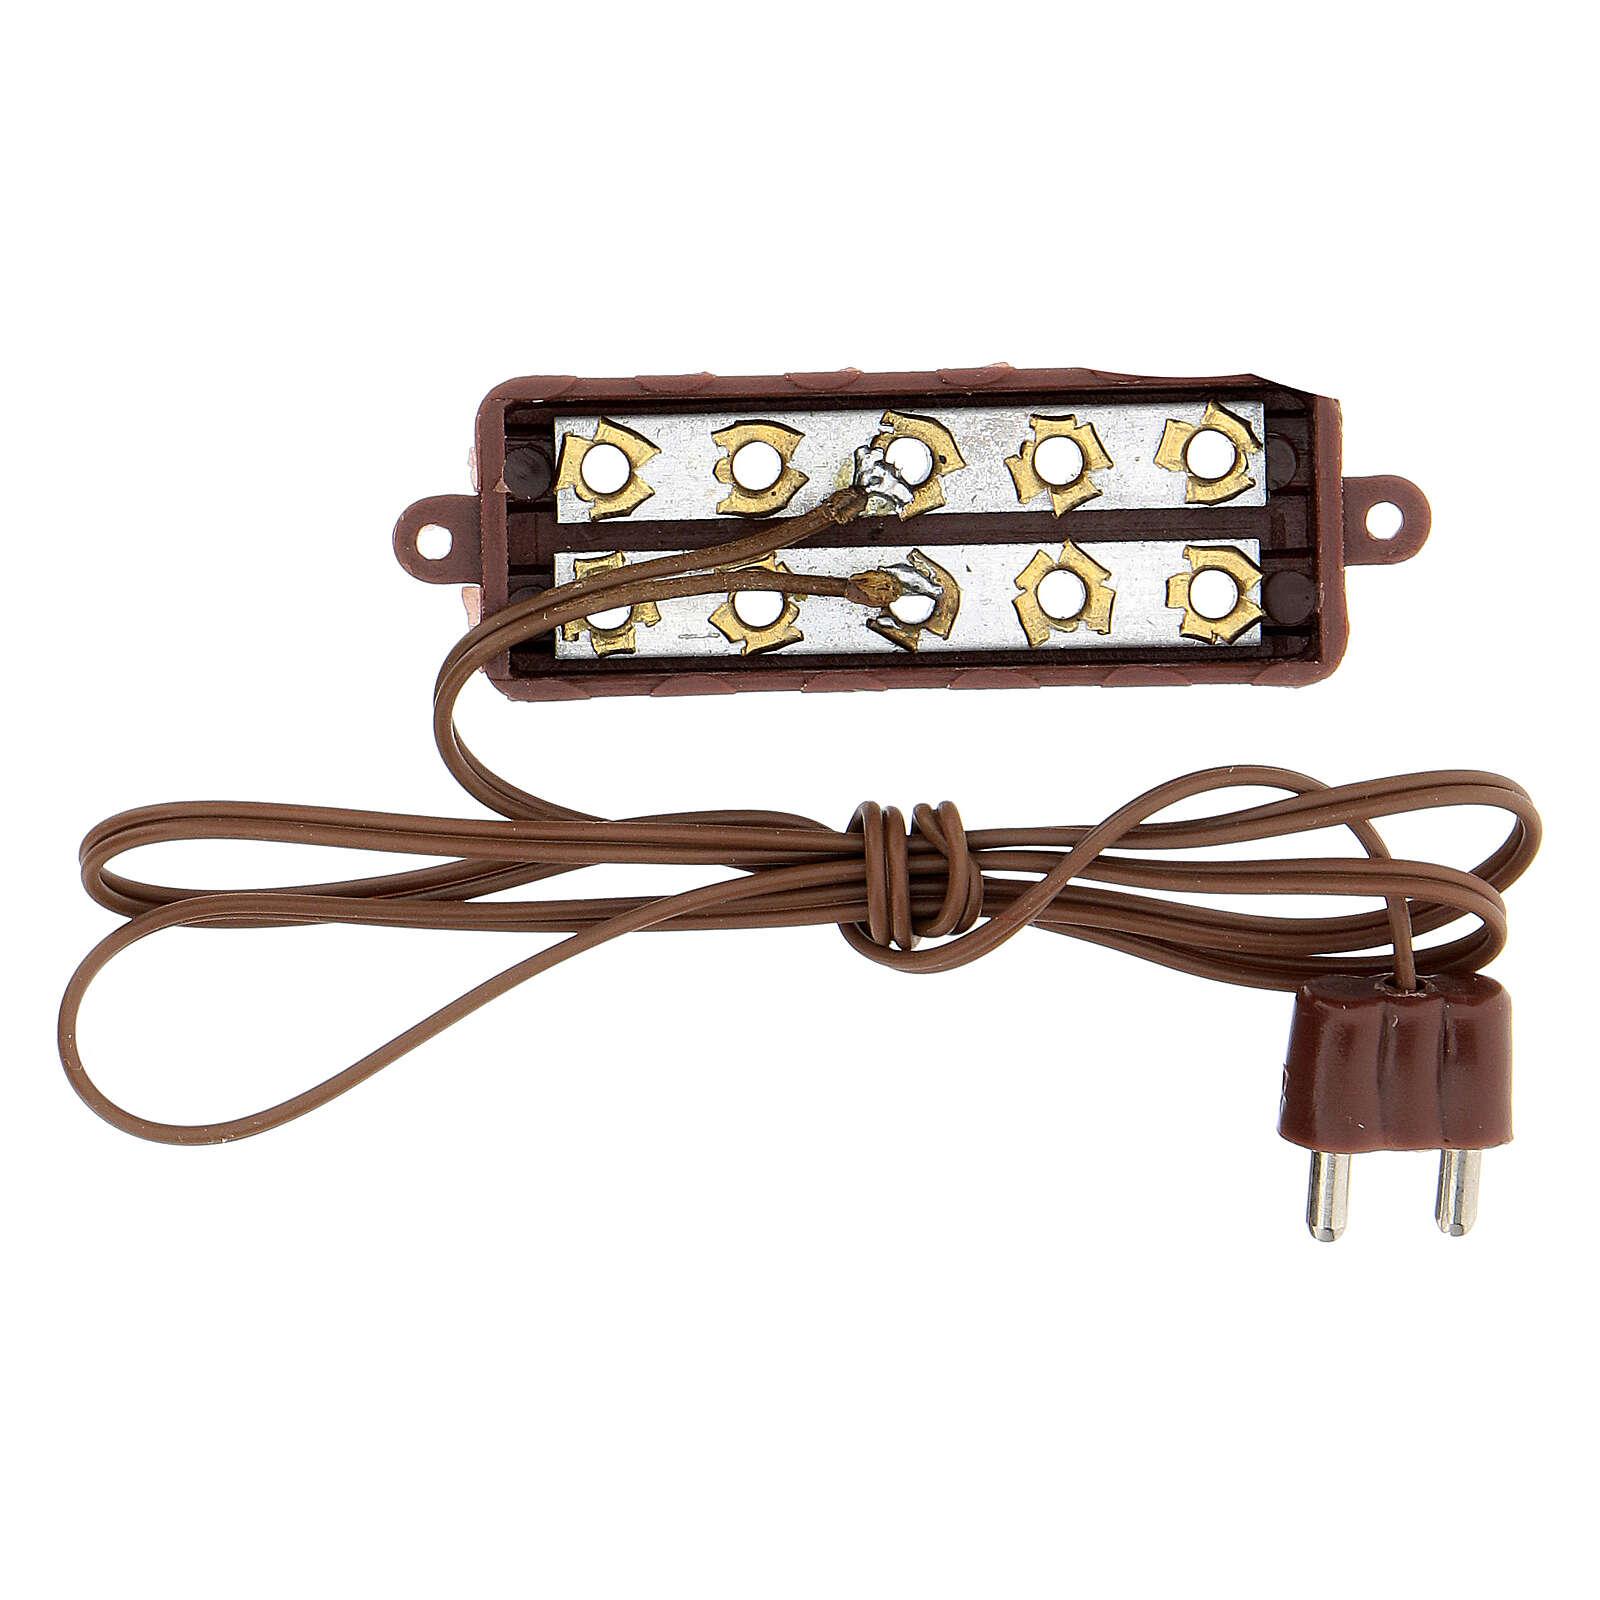 Regleta 5 enchufes para luces 3,5 - 4,5 V. 4